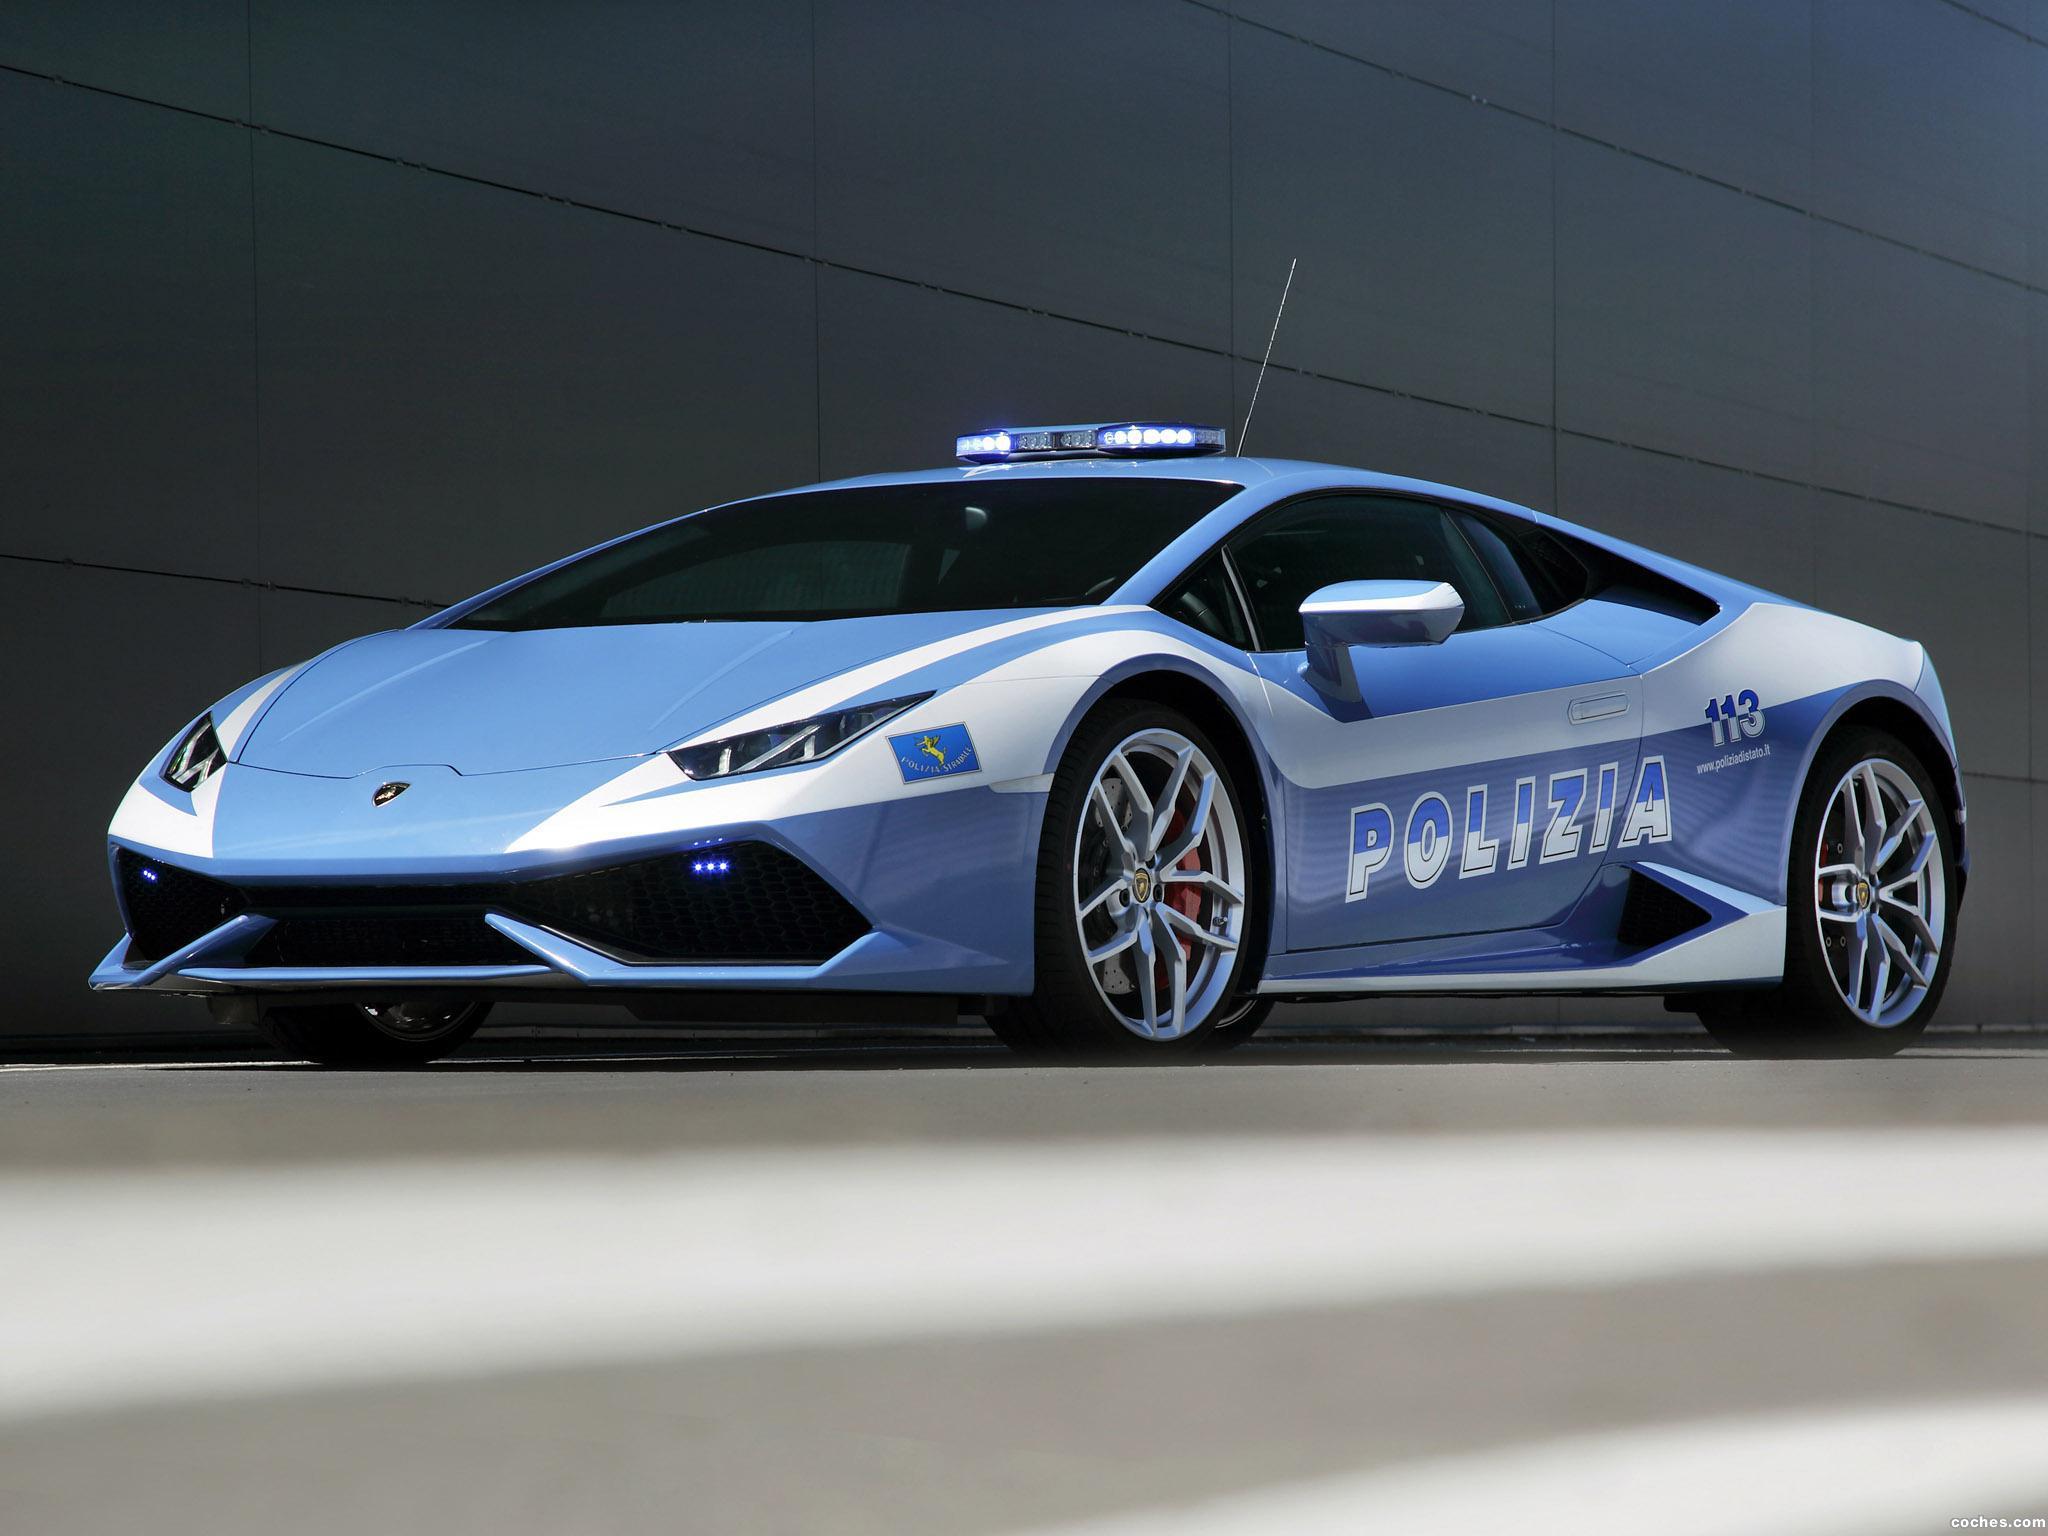 Foto 0 de Lamborghini Huracan LP610-4 Polizia LB724 2014